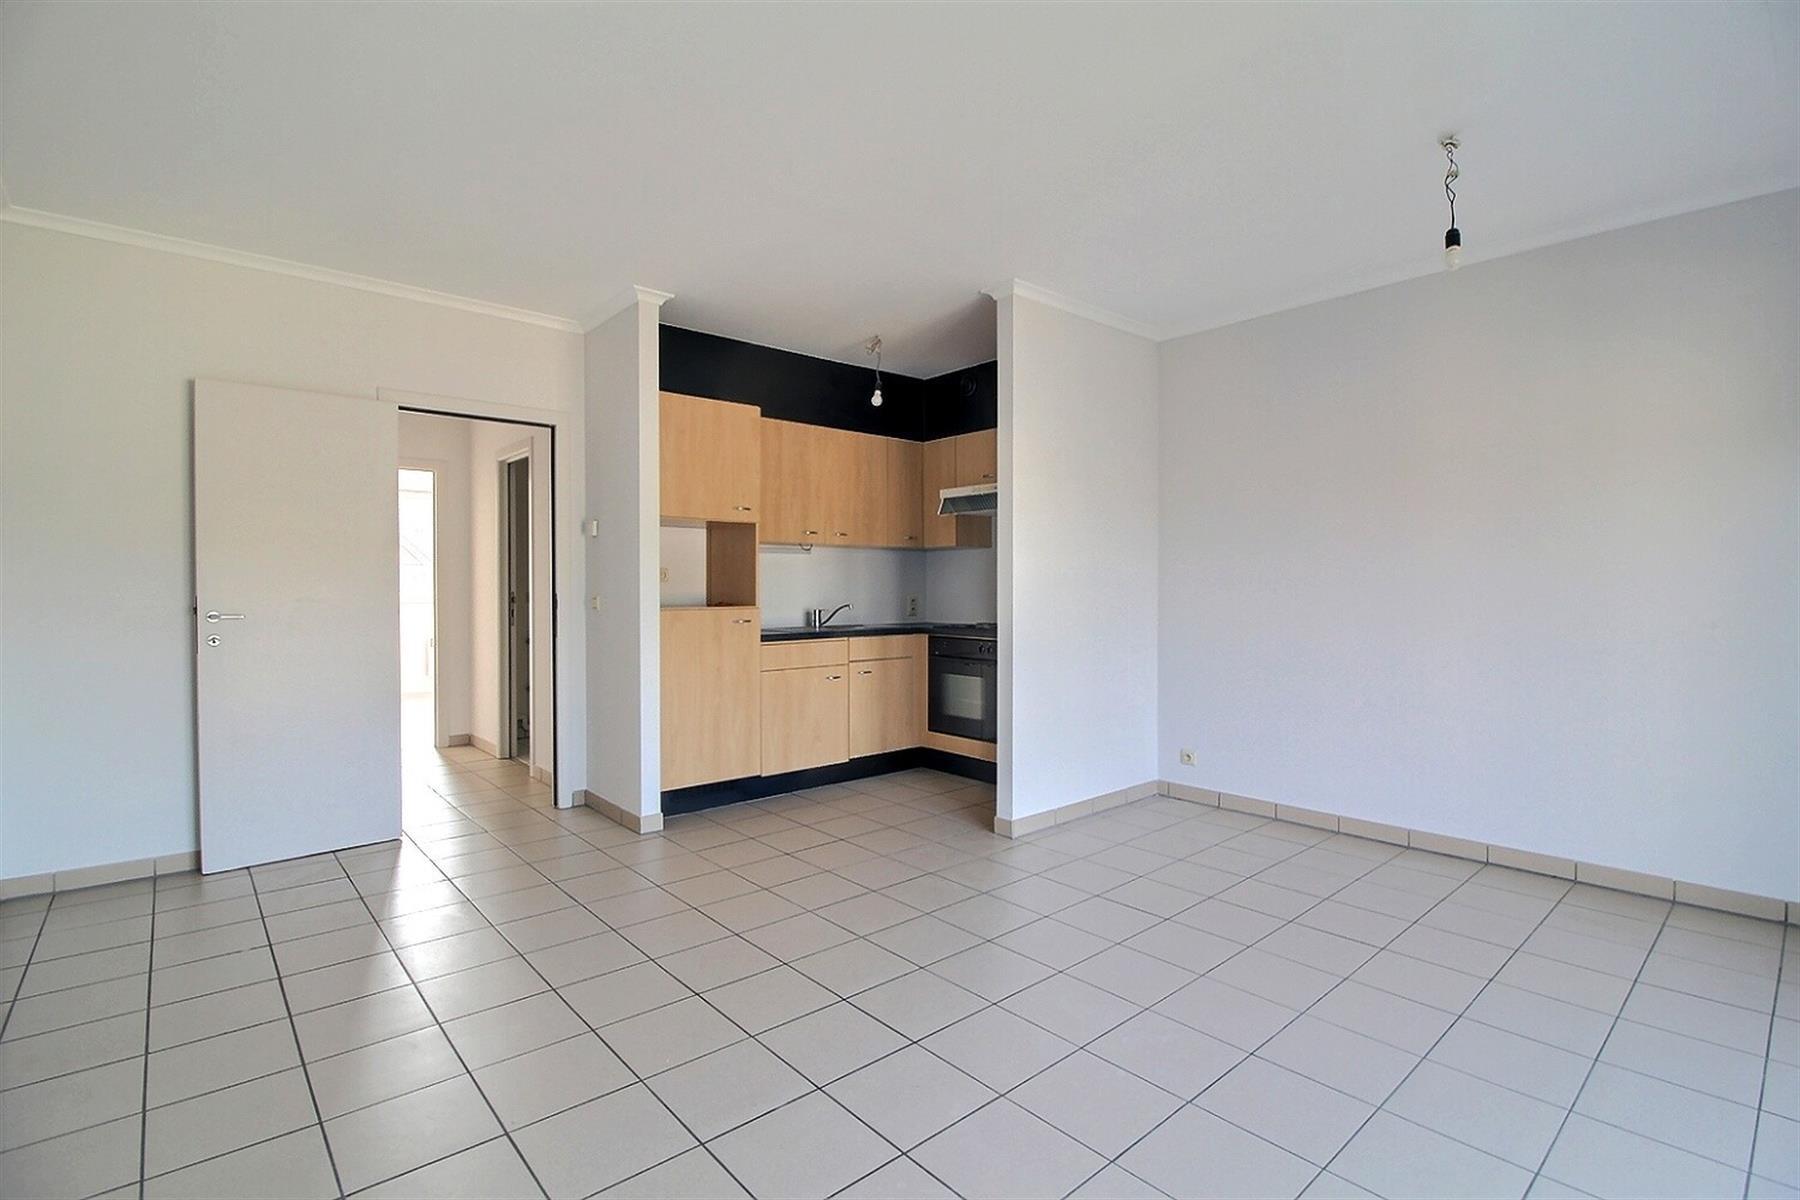 Appartement - Ottignies-Louvain-la-Neuve Louvain-la-Neuve - #4445203-2